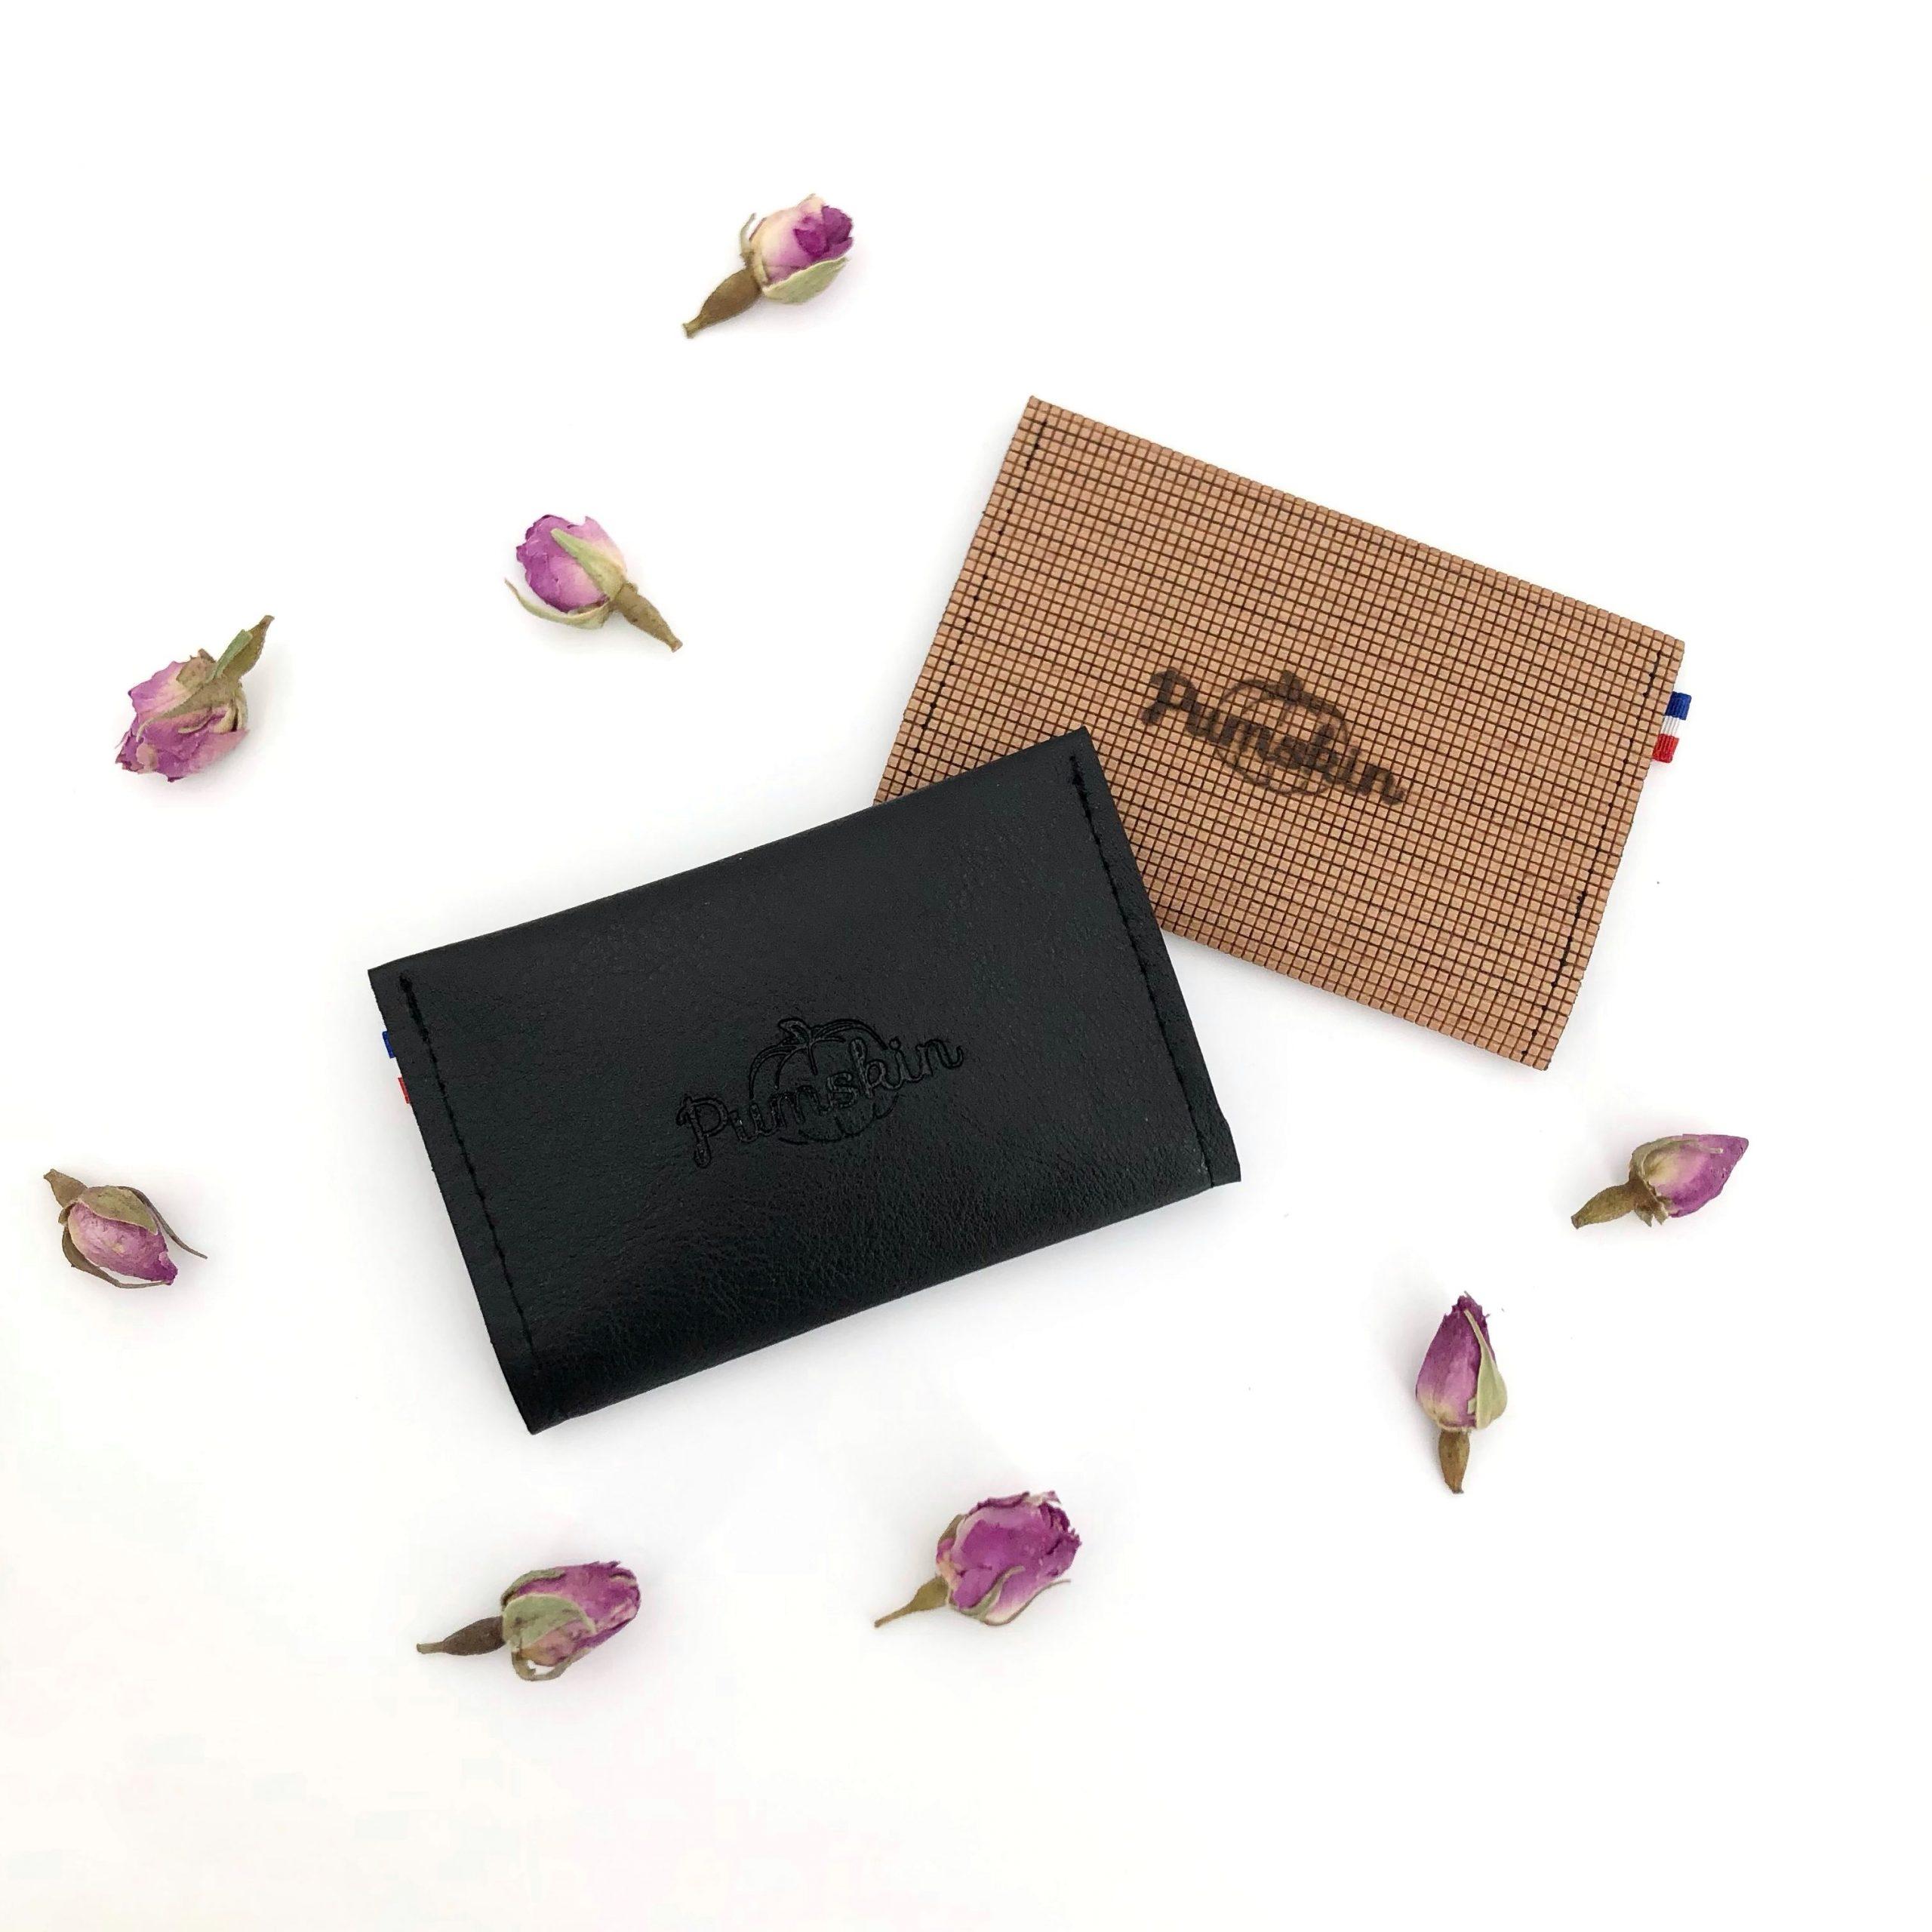 Pumskin - porte cartes bois - porte cartes vegan - porte cartes cuir vegan - maroquinerie végane - maroquinerie vegan - cuir de raisin - cuir de bois - cuir vegan homme - cuir vegan unisexe - cadeau vegan (8)